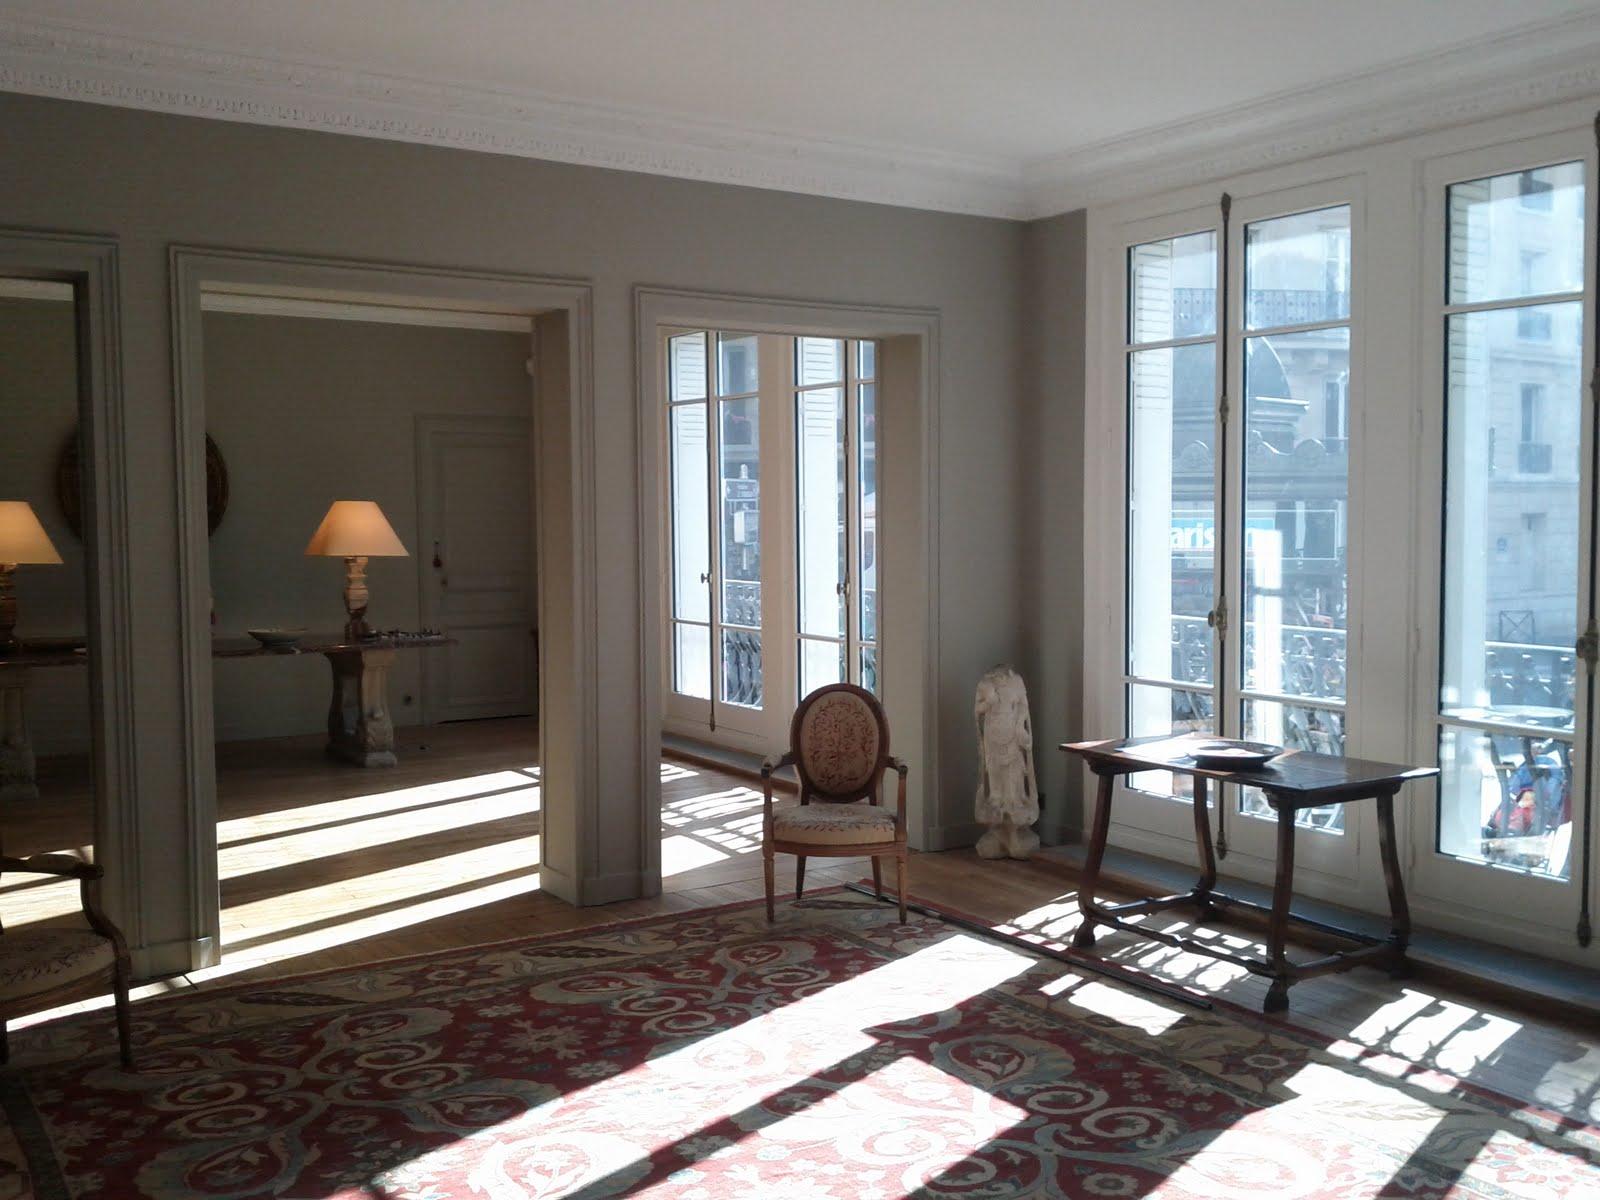 toiture vegetalisee sur tole orleans travaux de renovation maison prix entreprise lonych. Black Bedroom Furniture Sets. Home Design Ideas